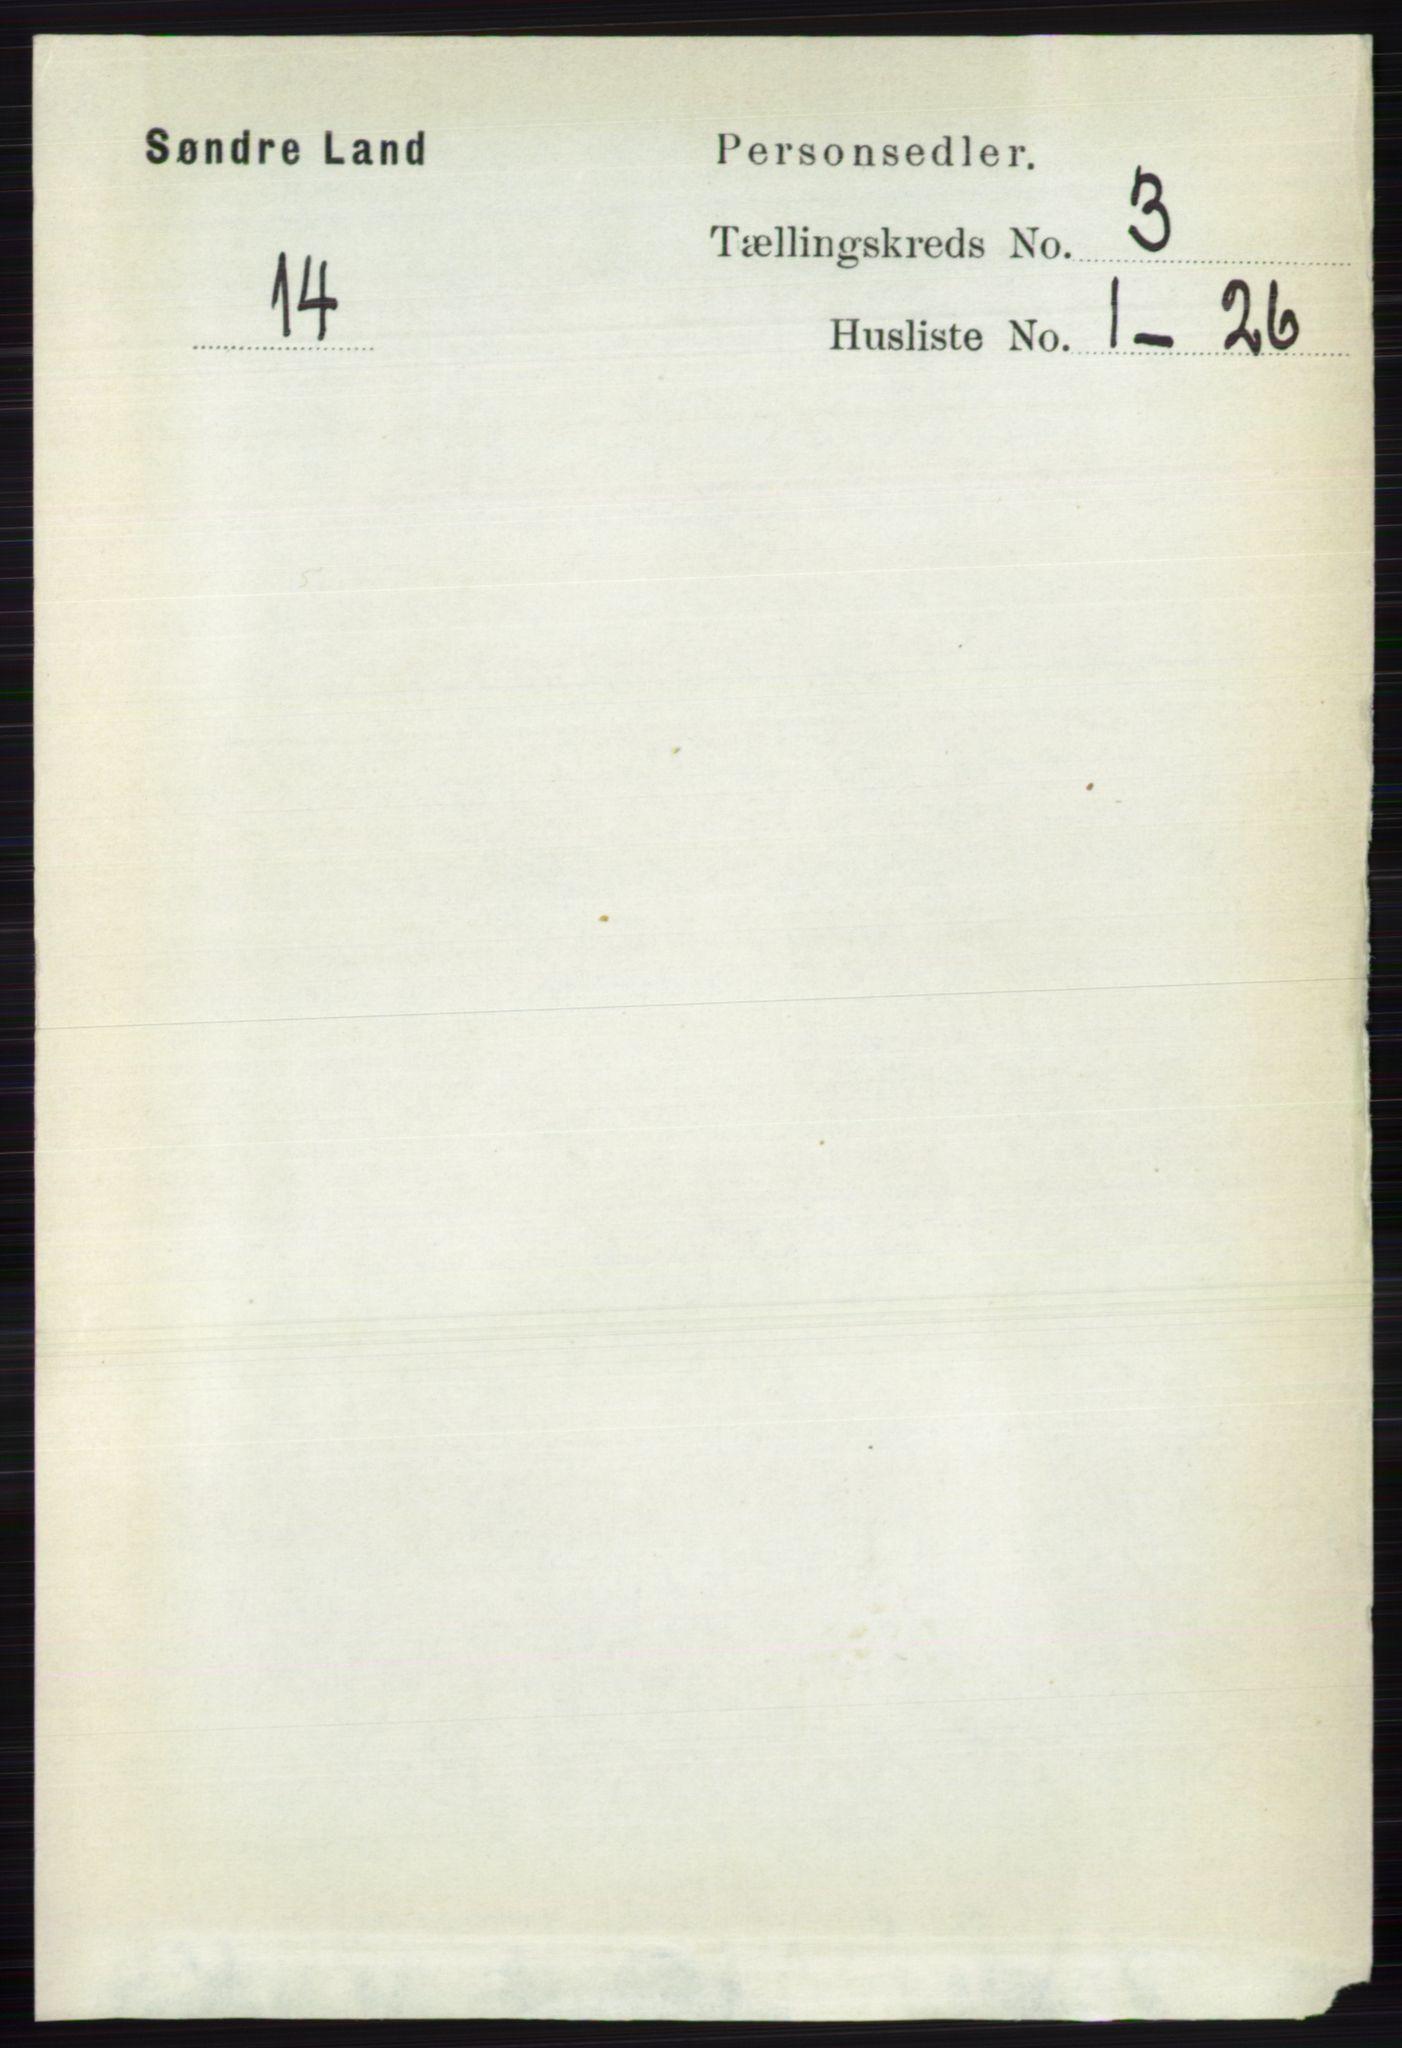 RA, Folketelling 1891 for 0536 Søndre Land herred, 1891, s. 2498